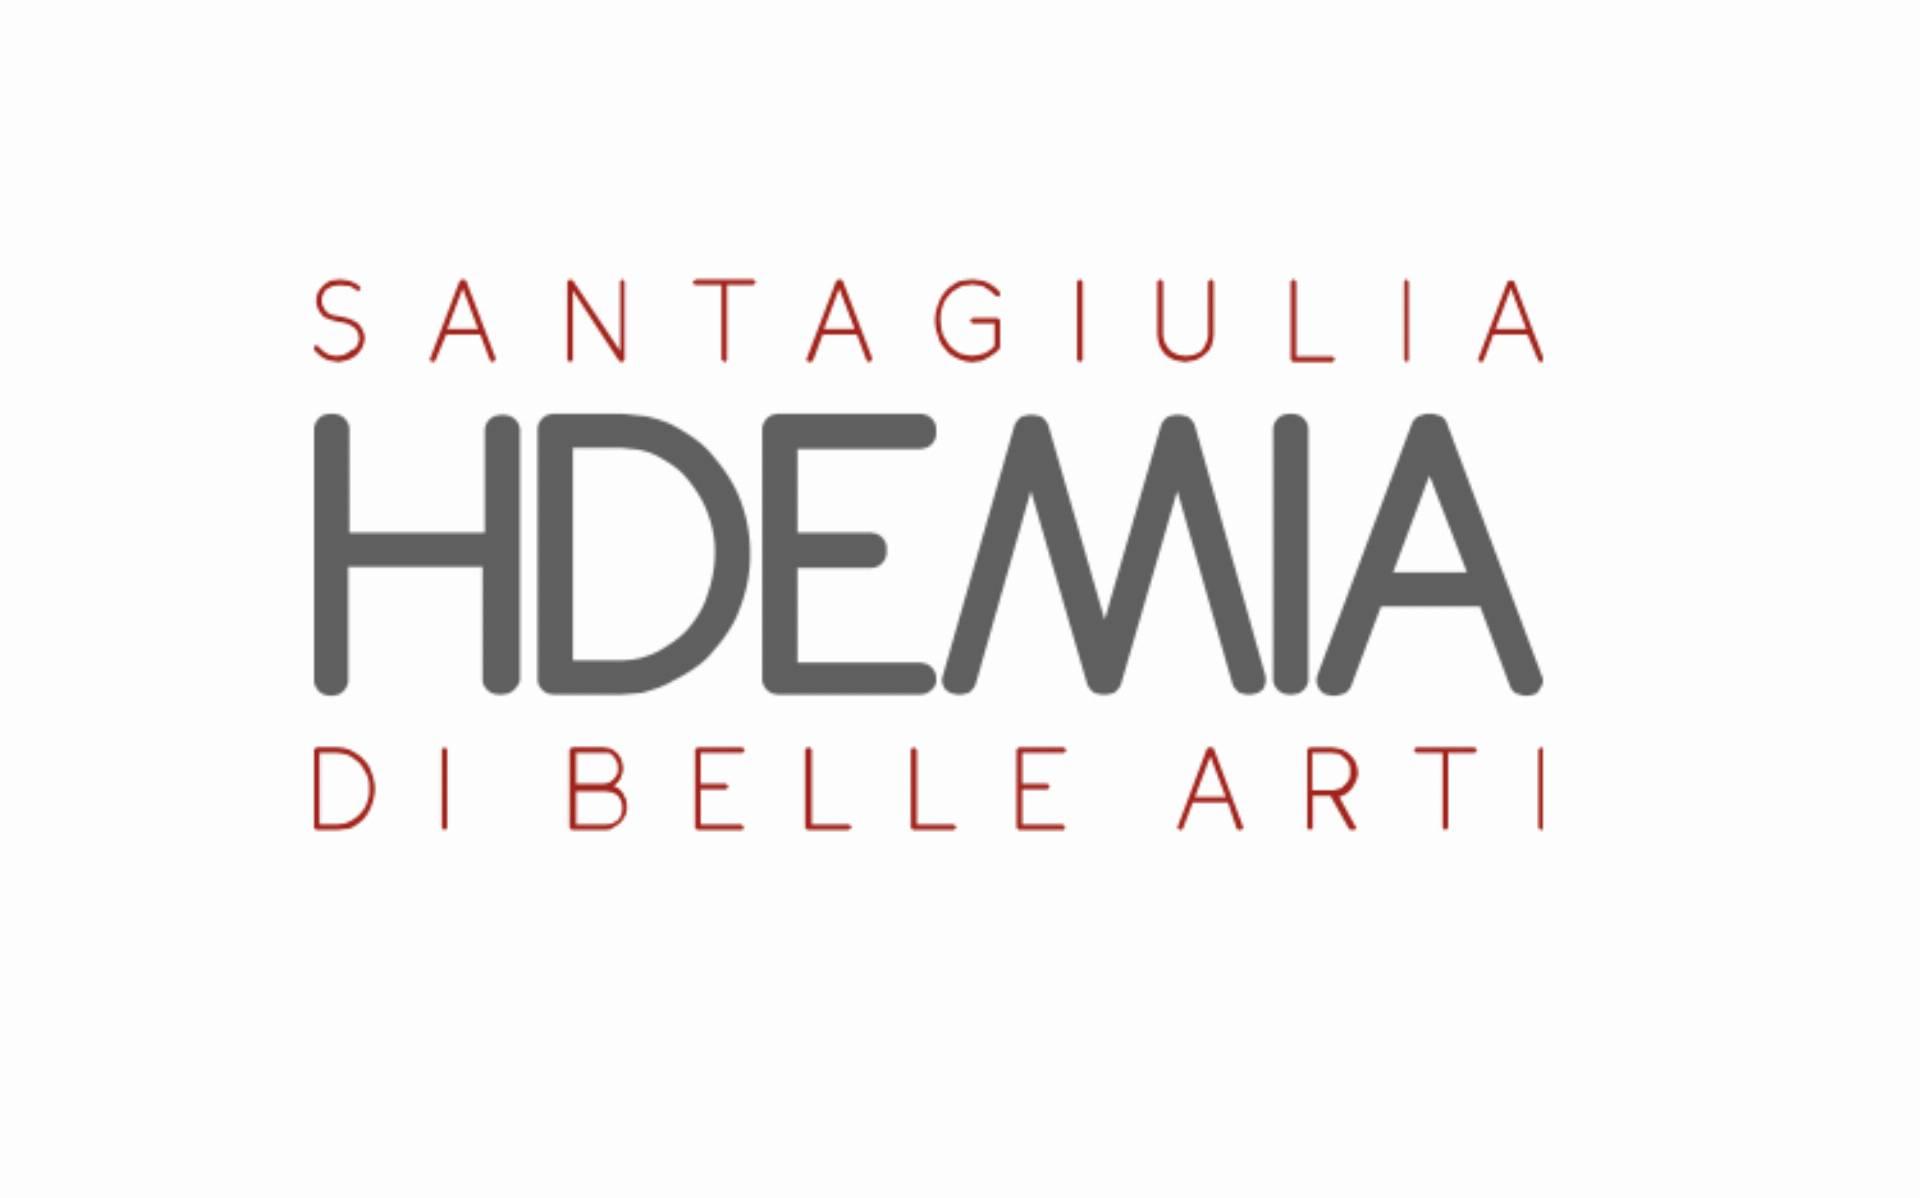 BOOKTRAILER FILM FESTIVAL: il 9 maggio saranno proclamati i vincitori -HDEMIA Santa Giulia